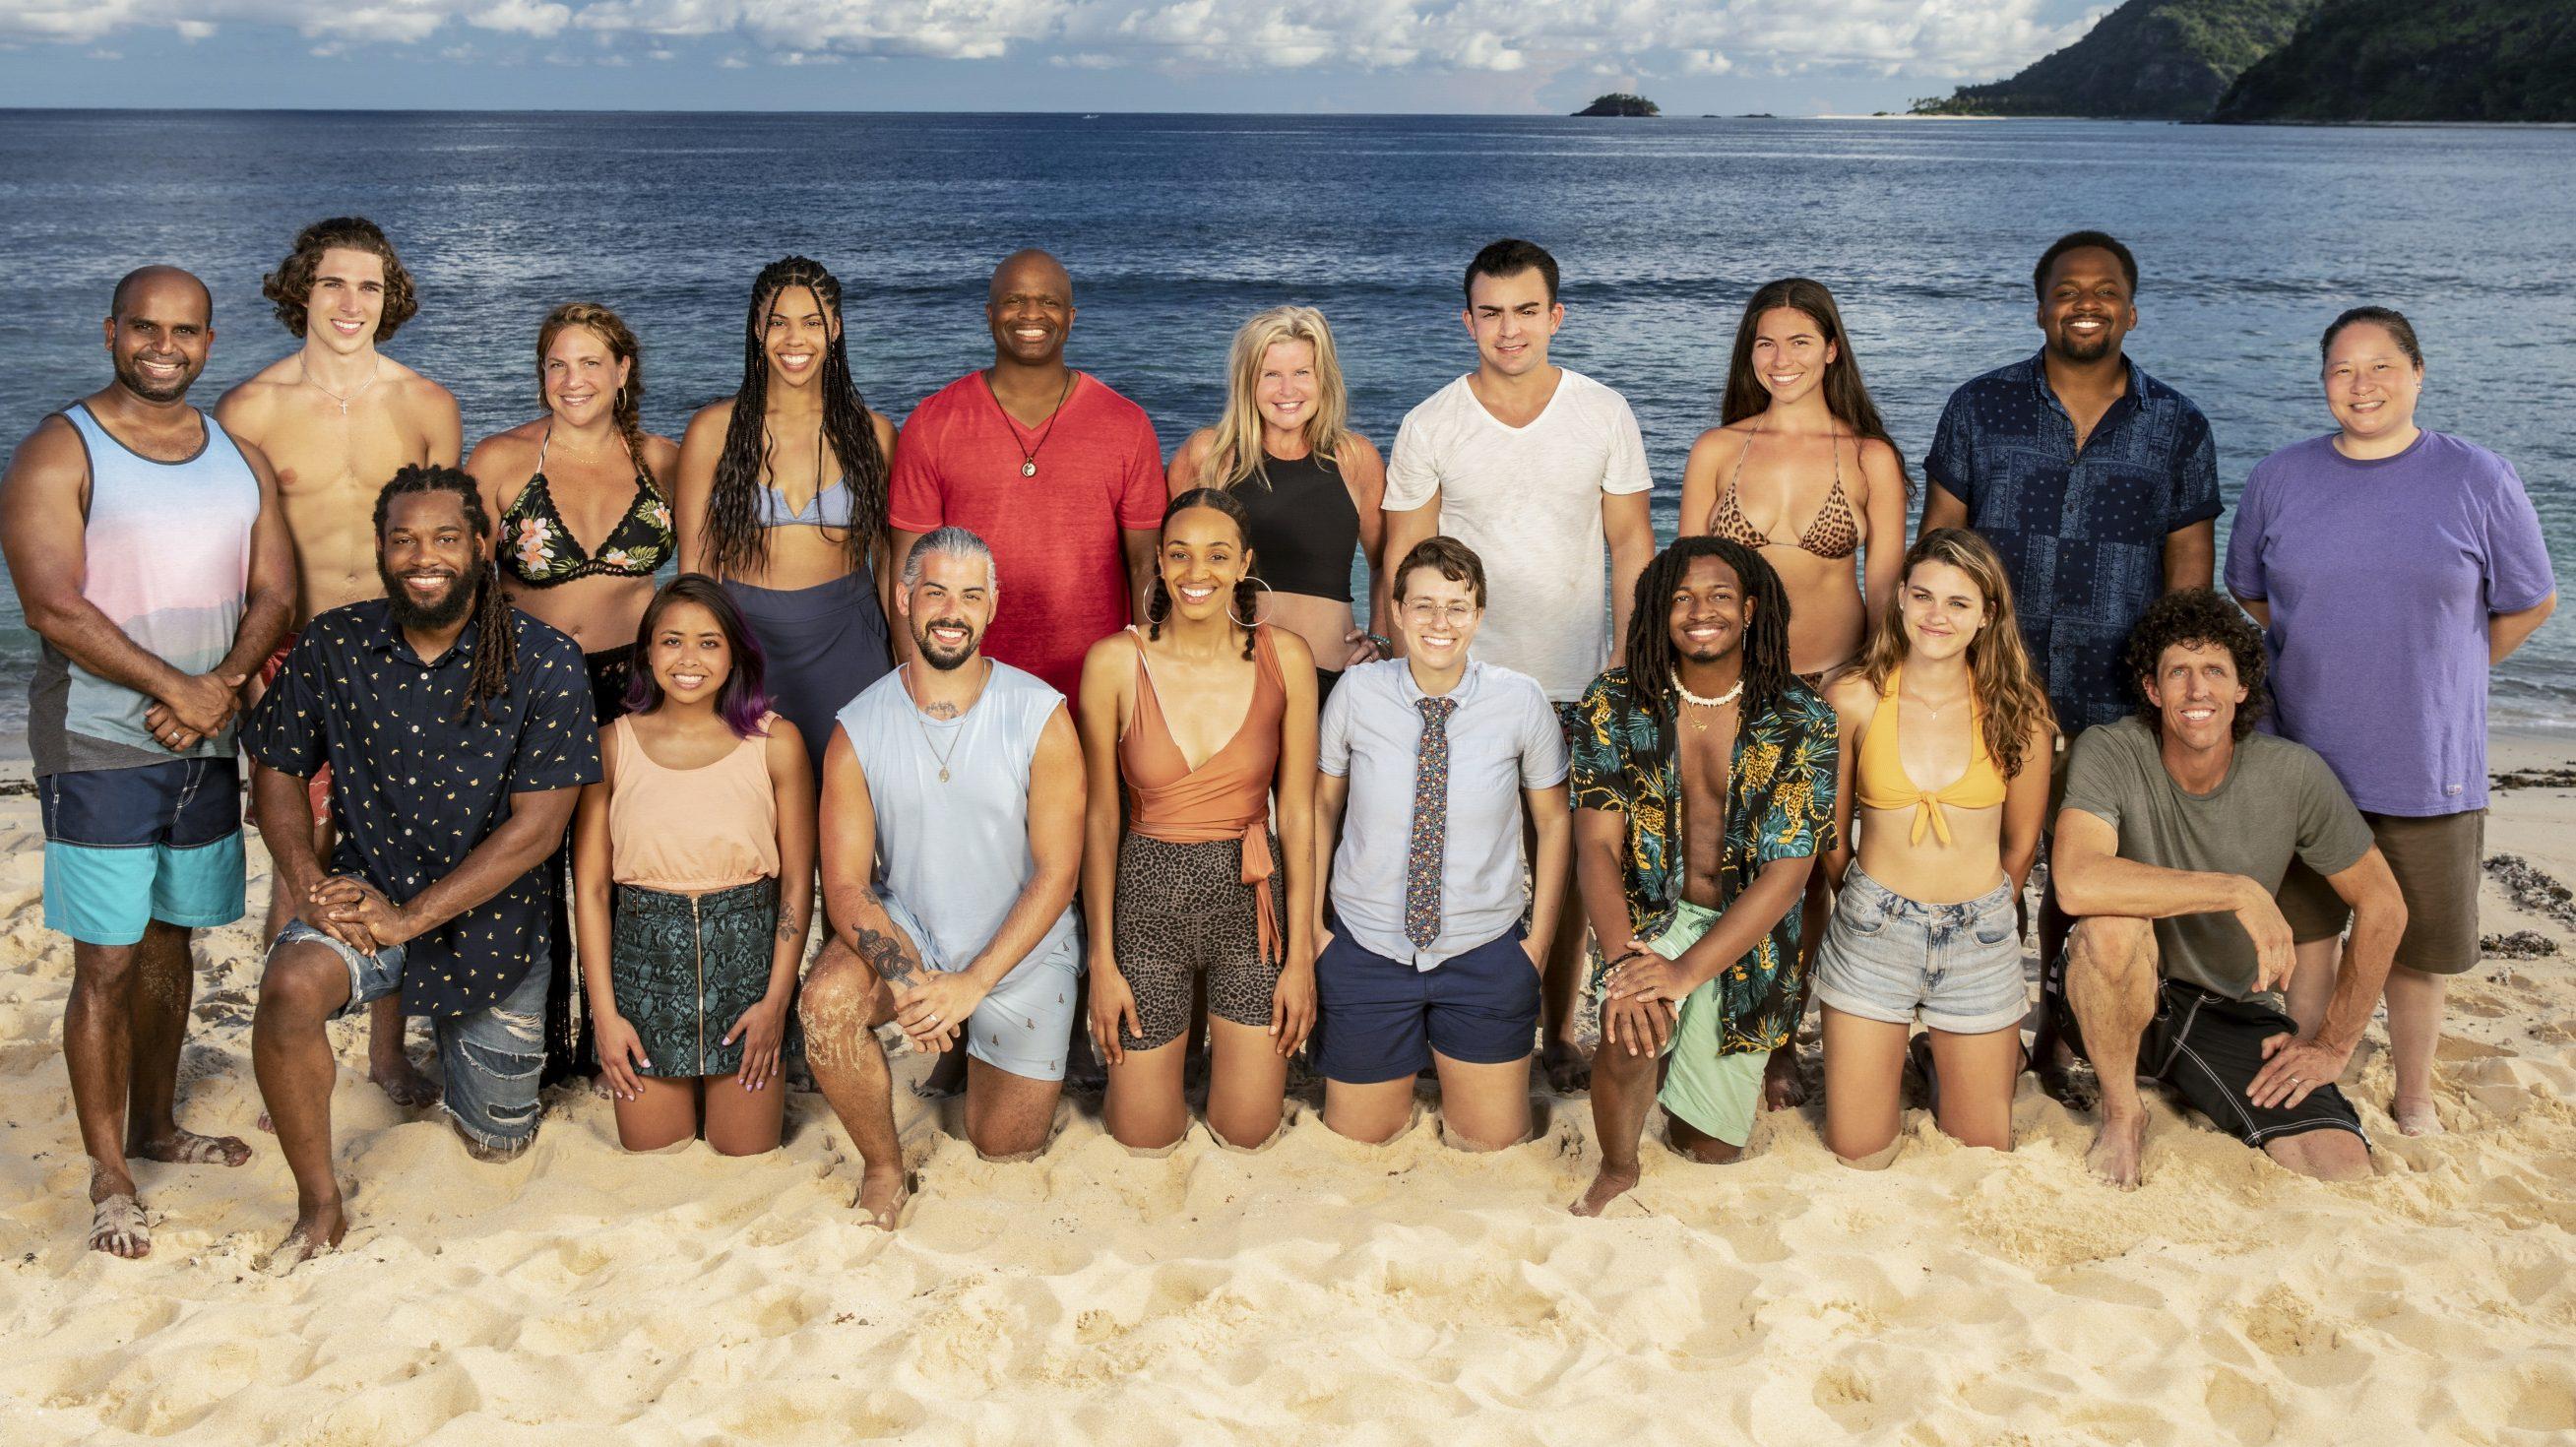 The 'Survivor 41' Cast